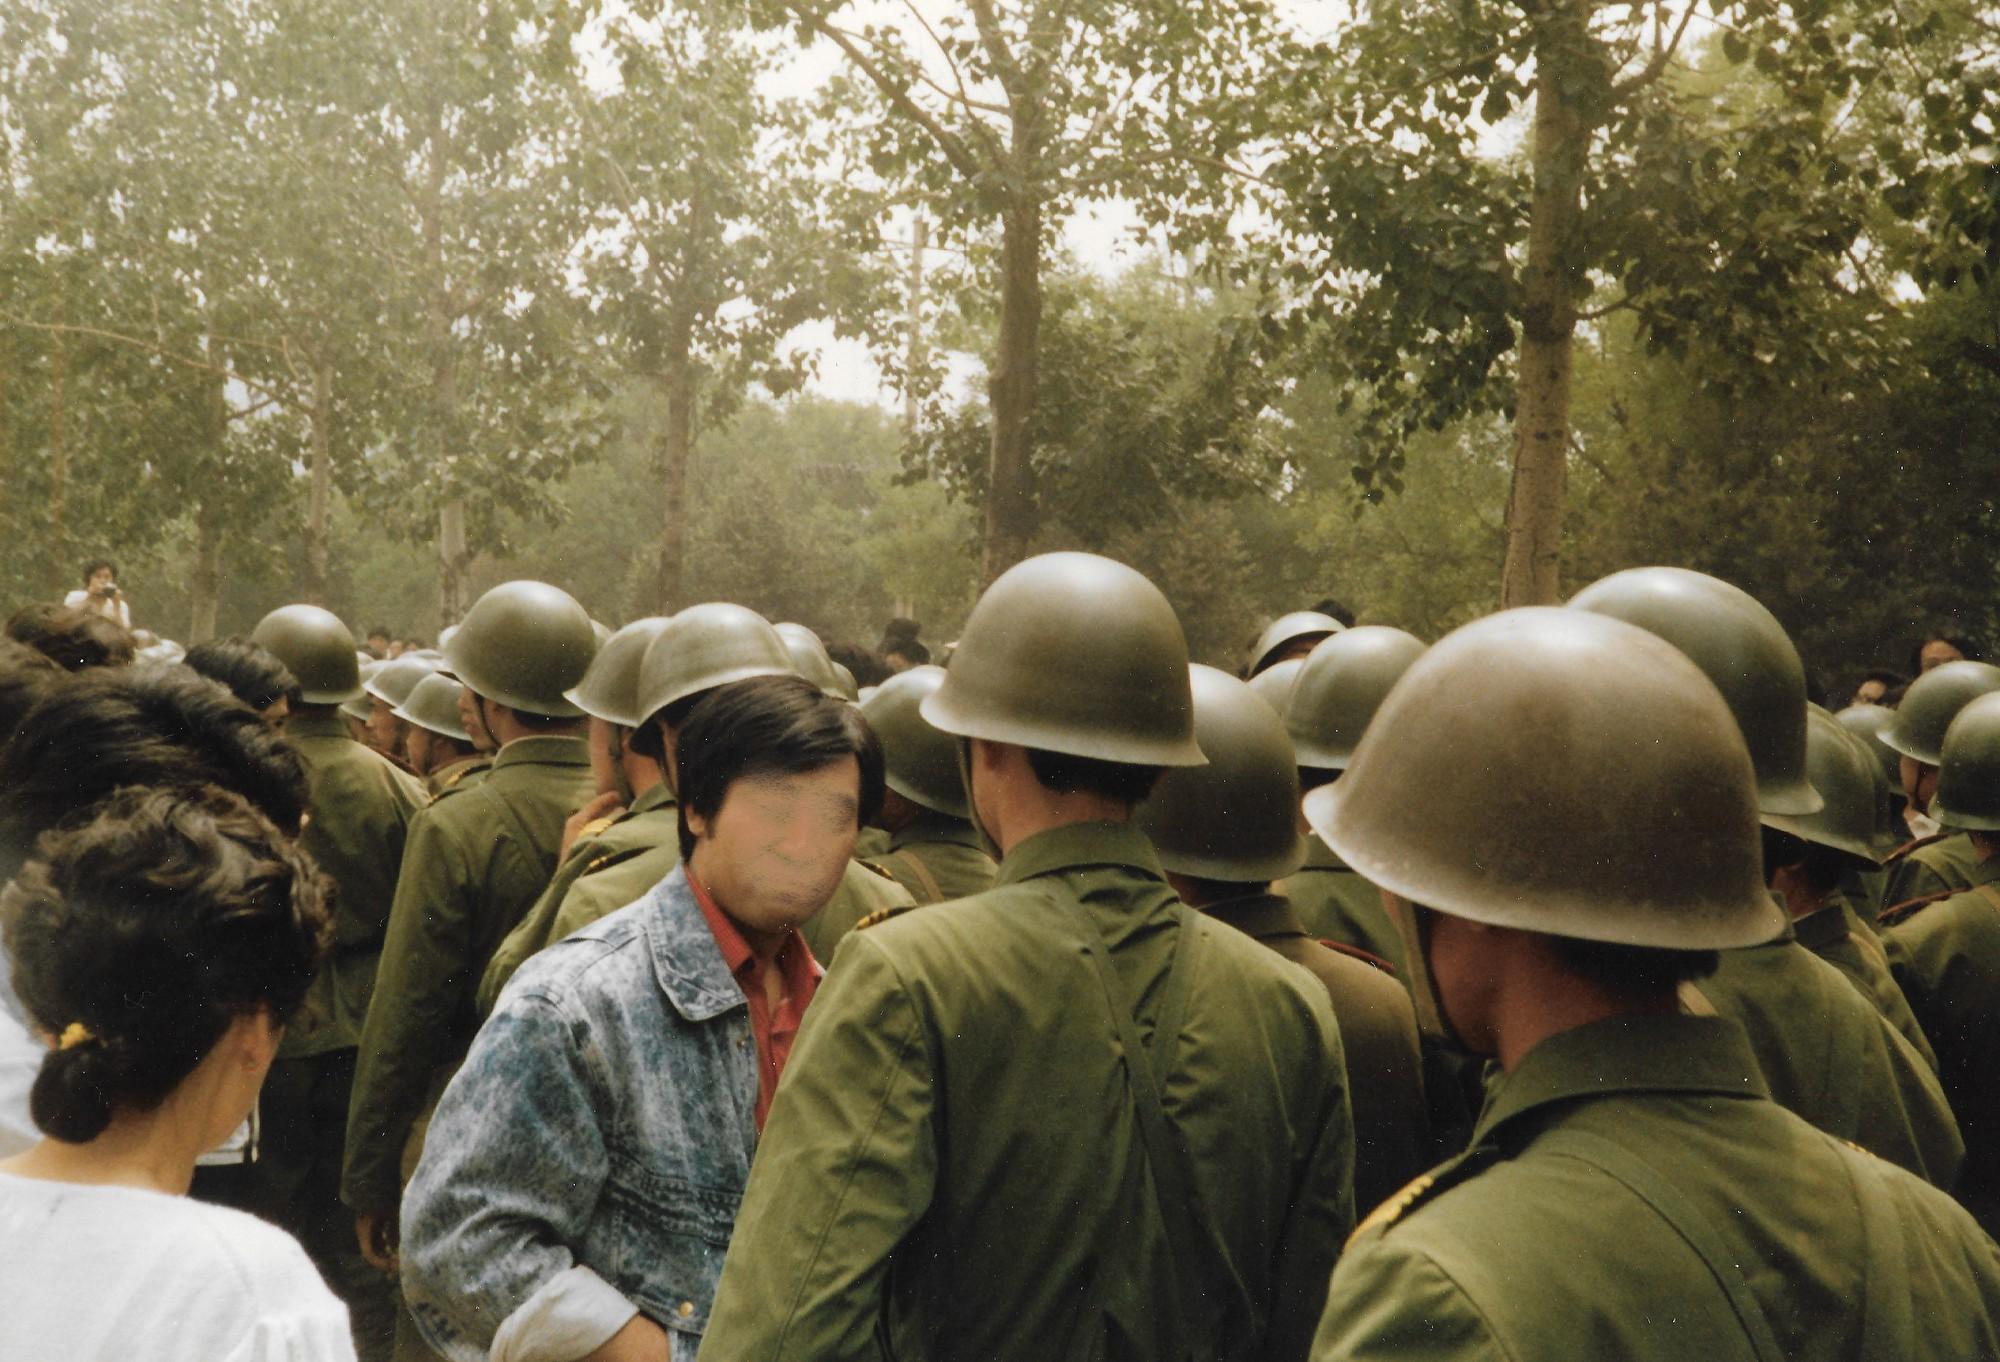 1989年6月3日上午,這些軍人打算拖回出事的軍車,被人們擋住。(王珍提供)